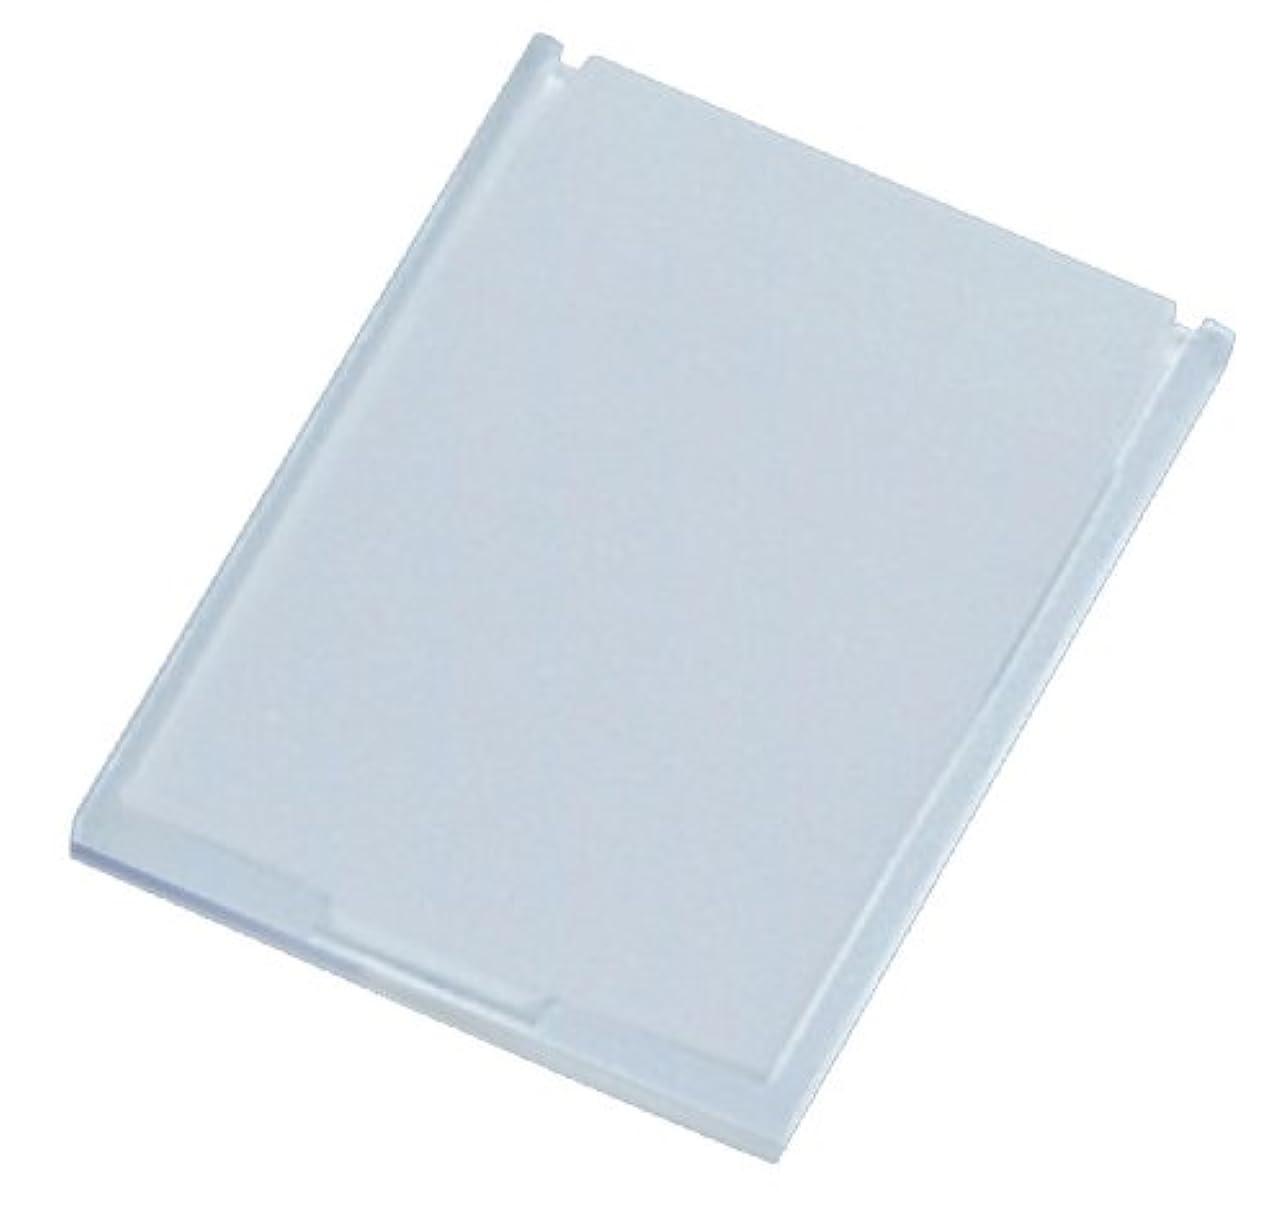 信条しょっぱい発表するミニコンパクトミラー 39×49㎜ ホワイト YK-150